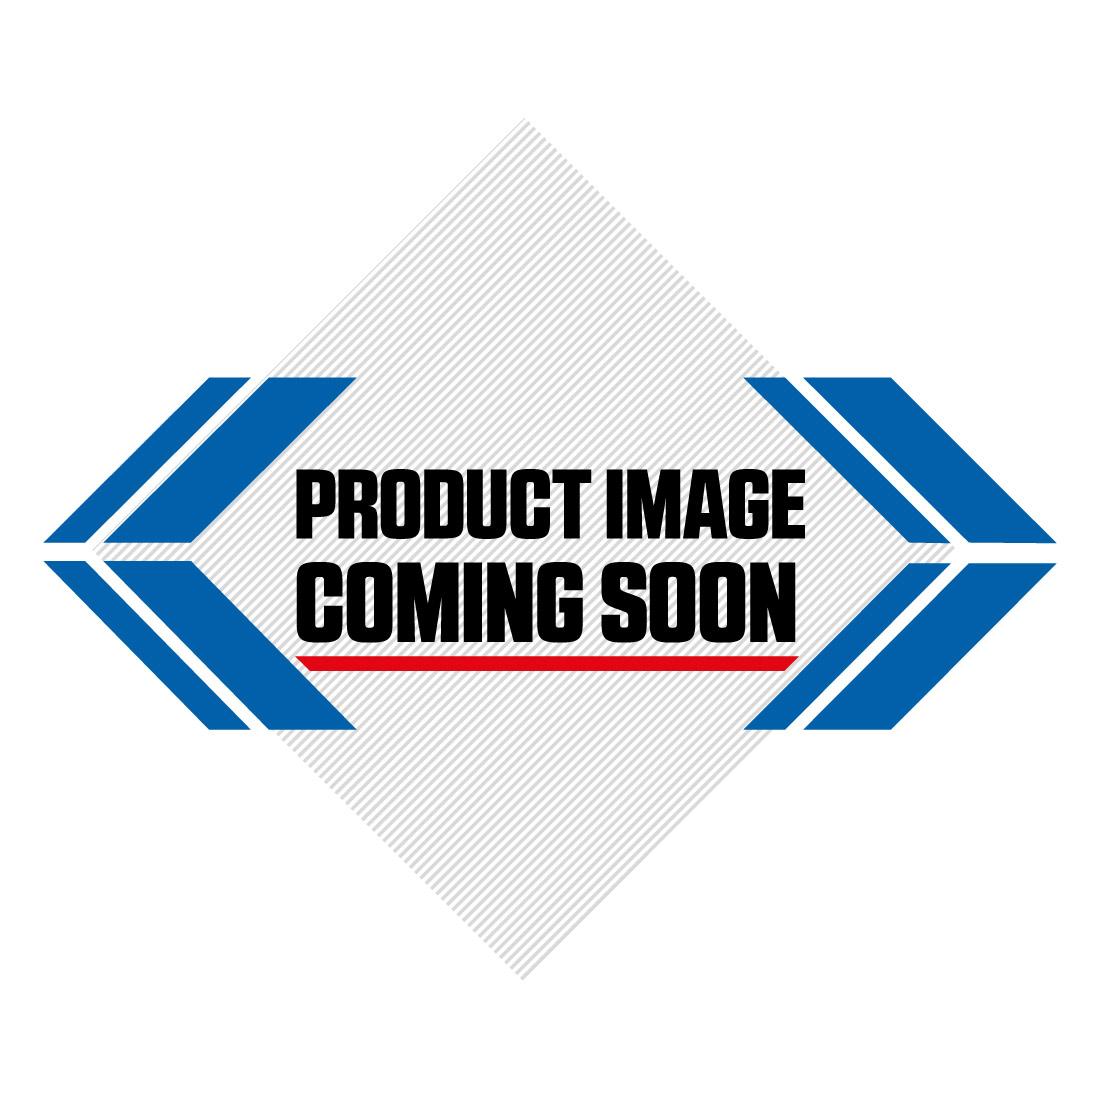 Kawasaki Plastic Kit KX 125 250 (03-04) OEM Factory Image-2>